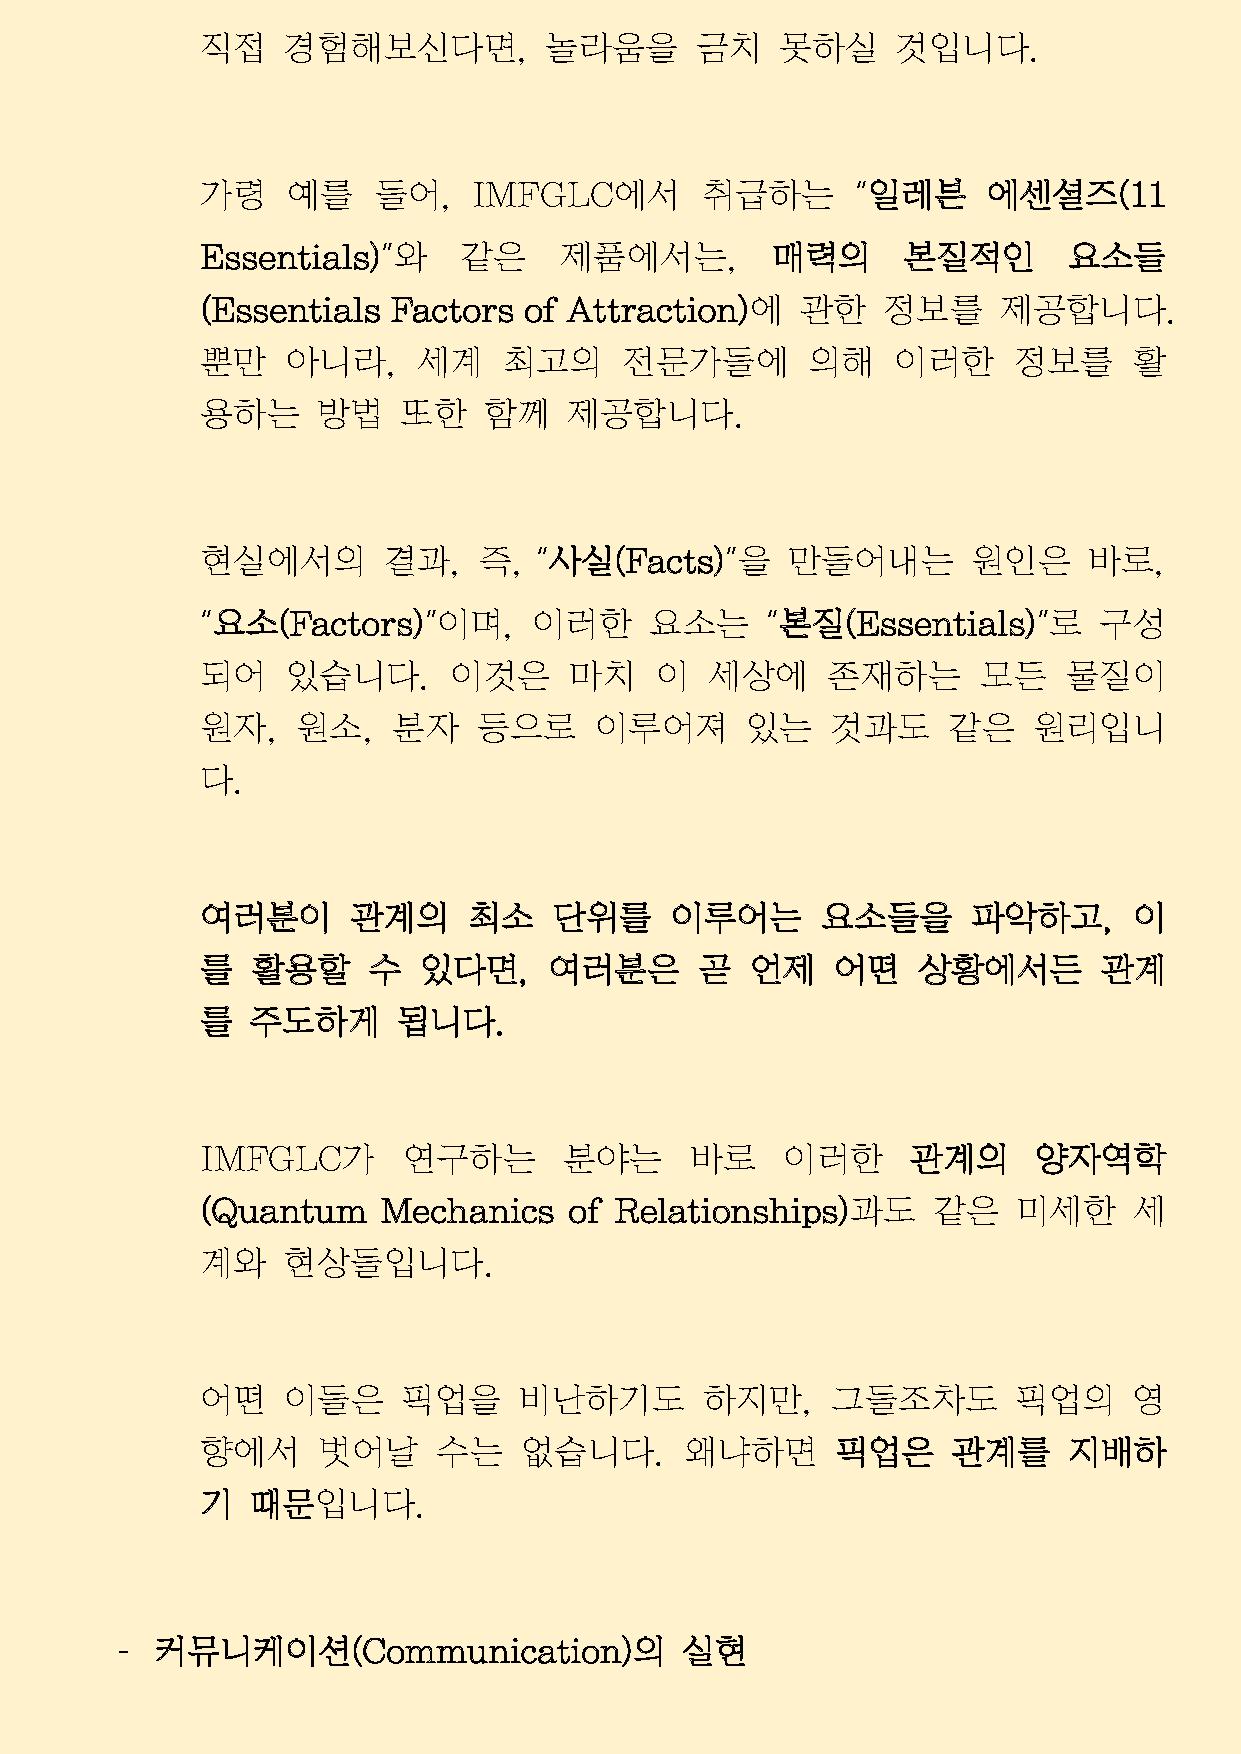 이용매뉴얼_Page_09.png